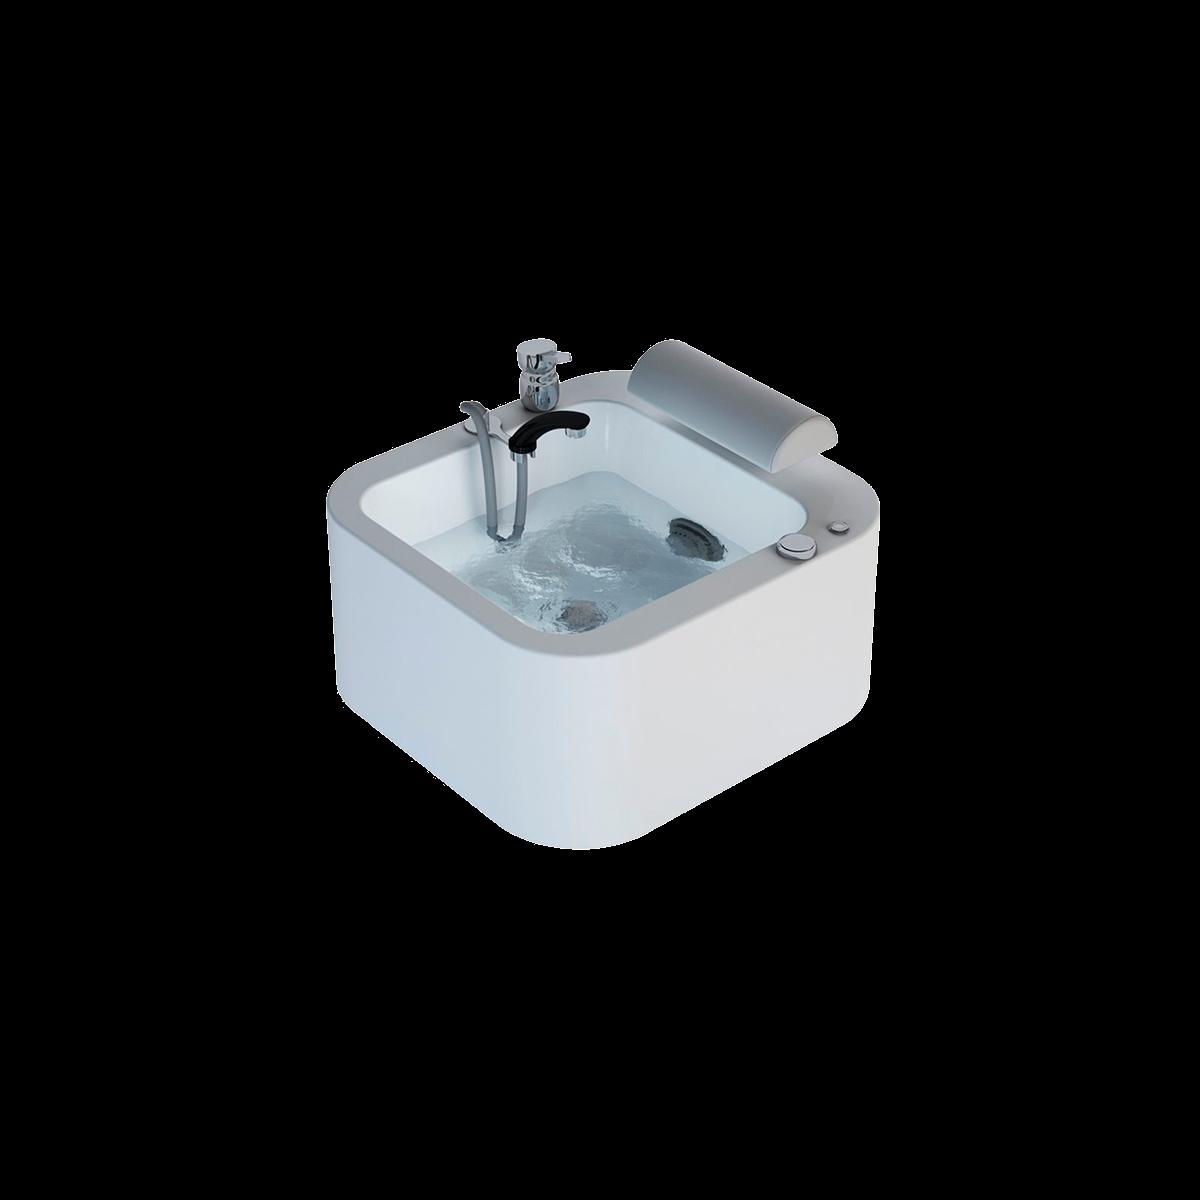 Pedicure sink